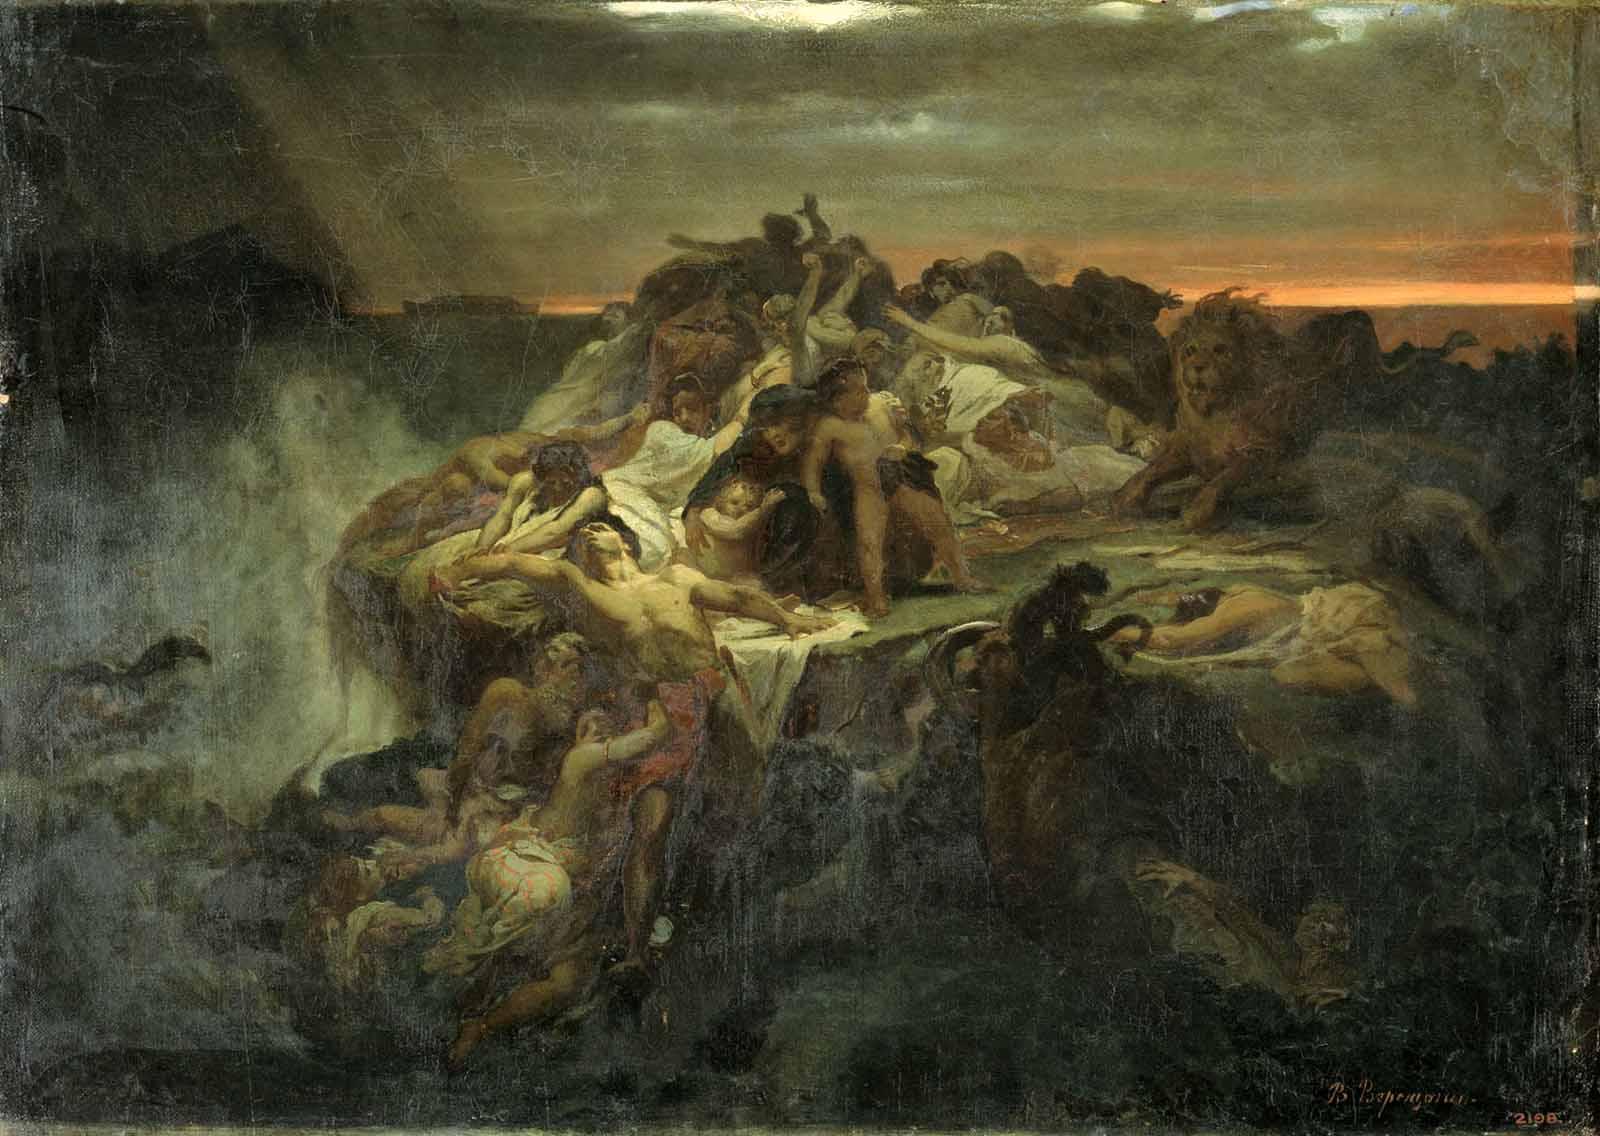 Всемирный потоп. Эскиз. В. П. Верещагин. 1869 г. Государственный Русский музей, СПб